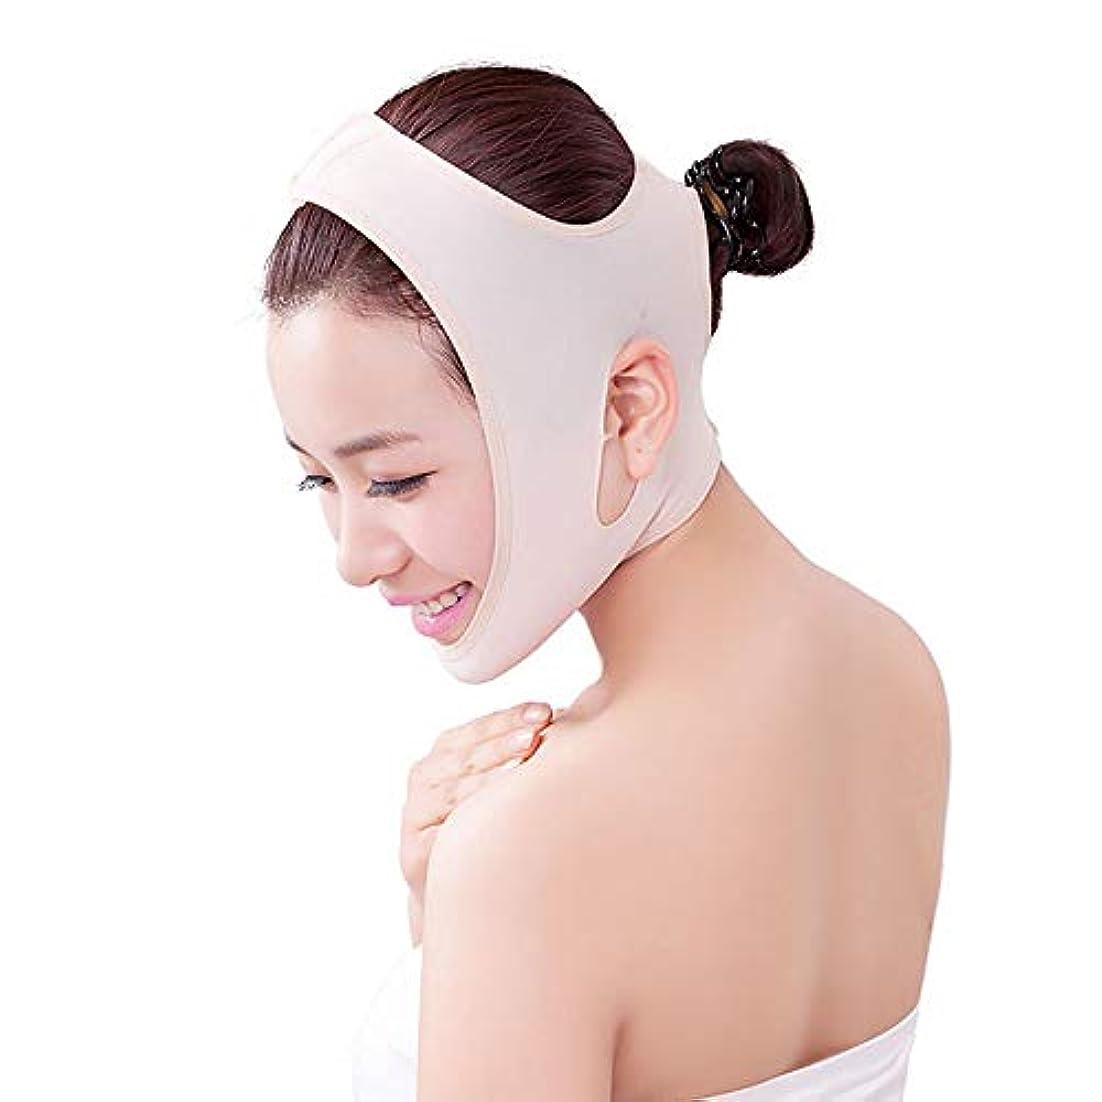 左道徳教育閉じ込めるフェイスリフティング包帯、ダブルチンリフト、法律、男性用および女性用マスクへの固着、vフェイスマスク,XL